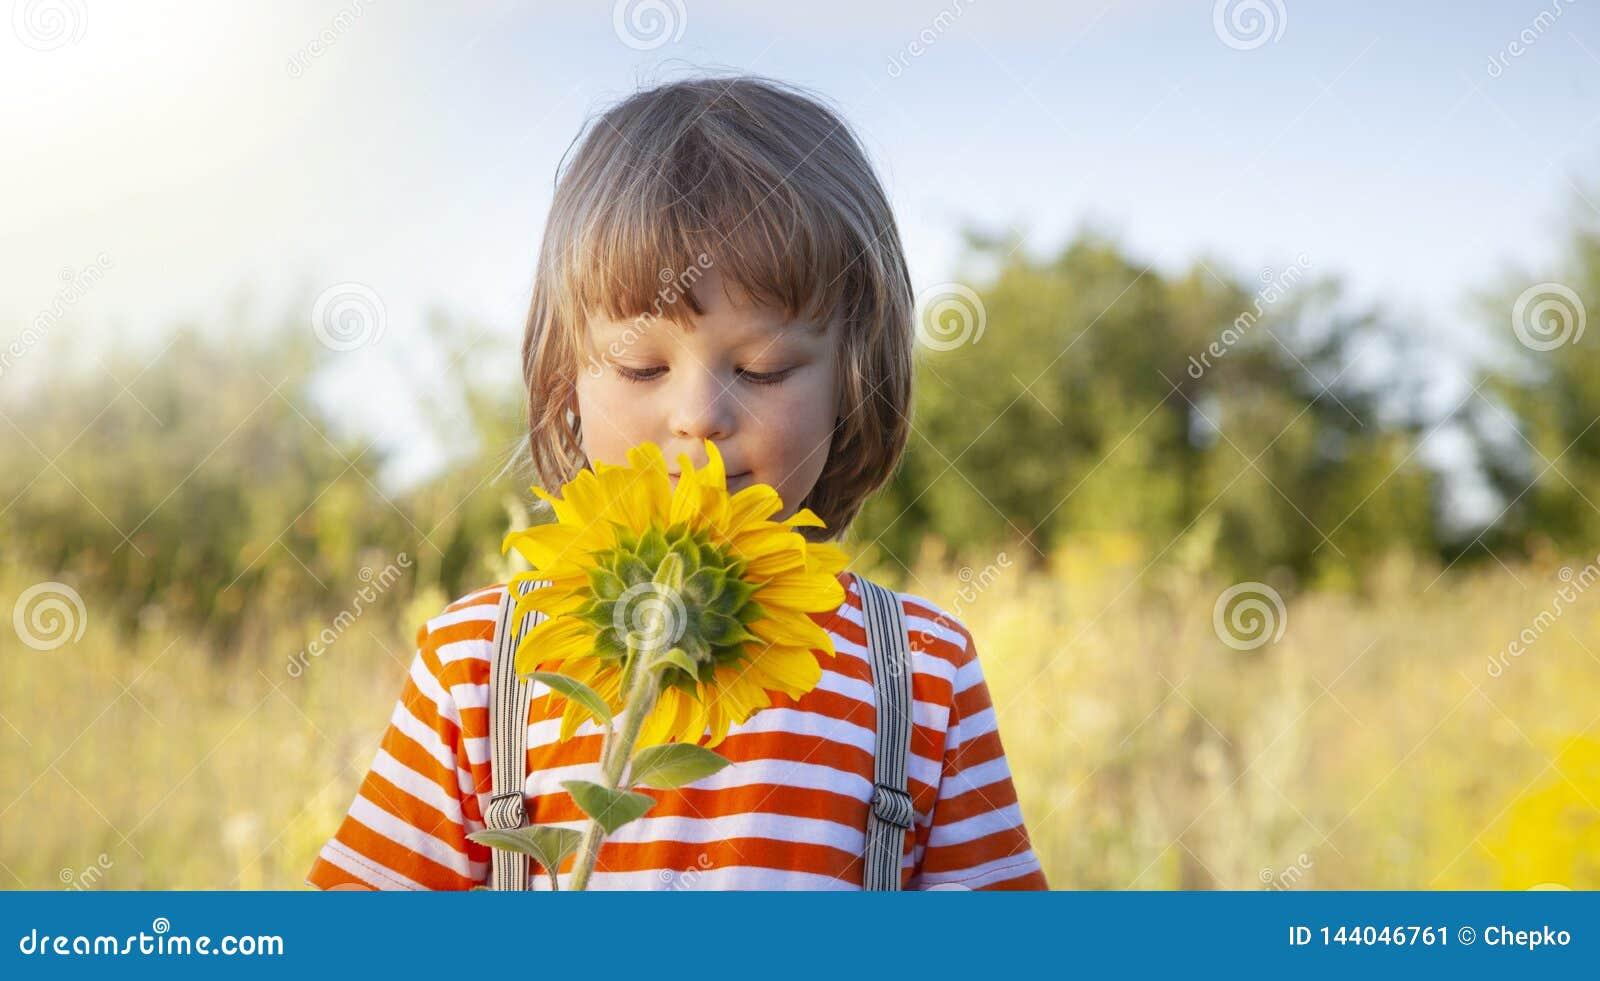 Menino feliz com girassol fora Jogo de crian?as no jardim